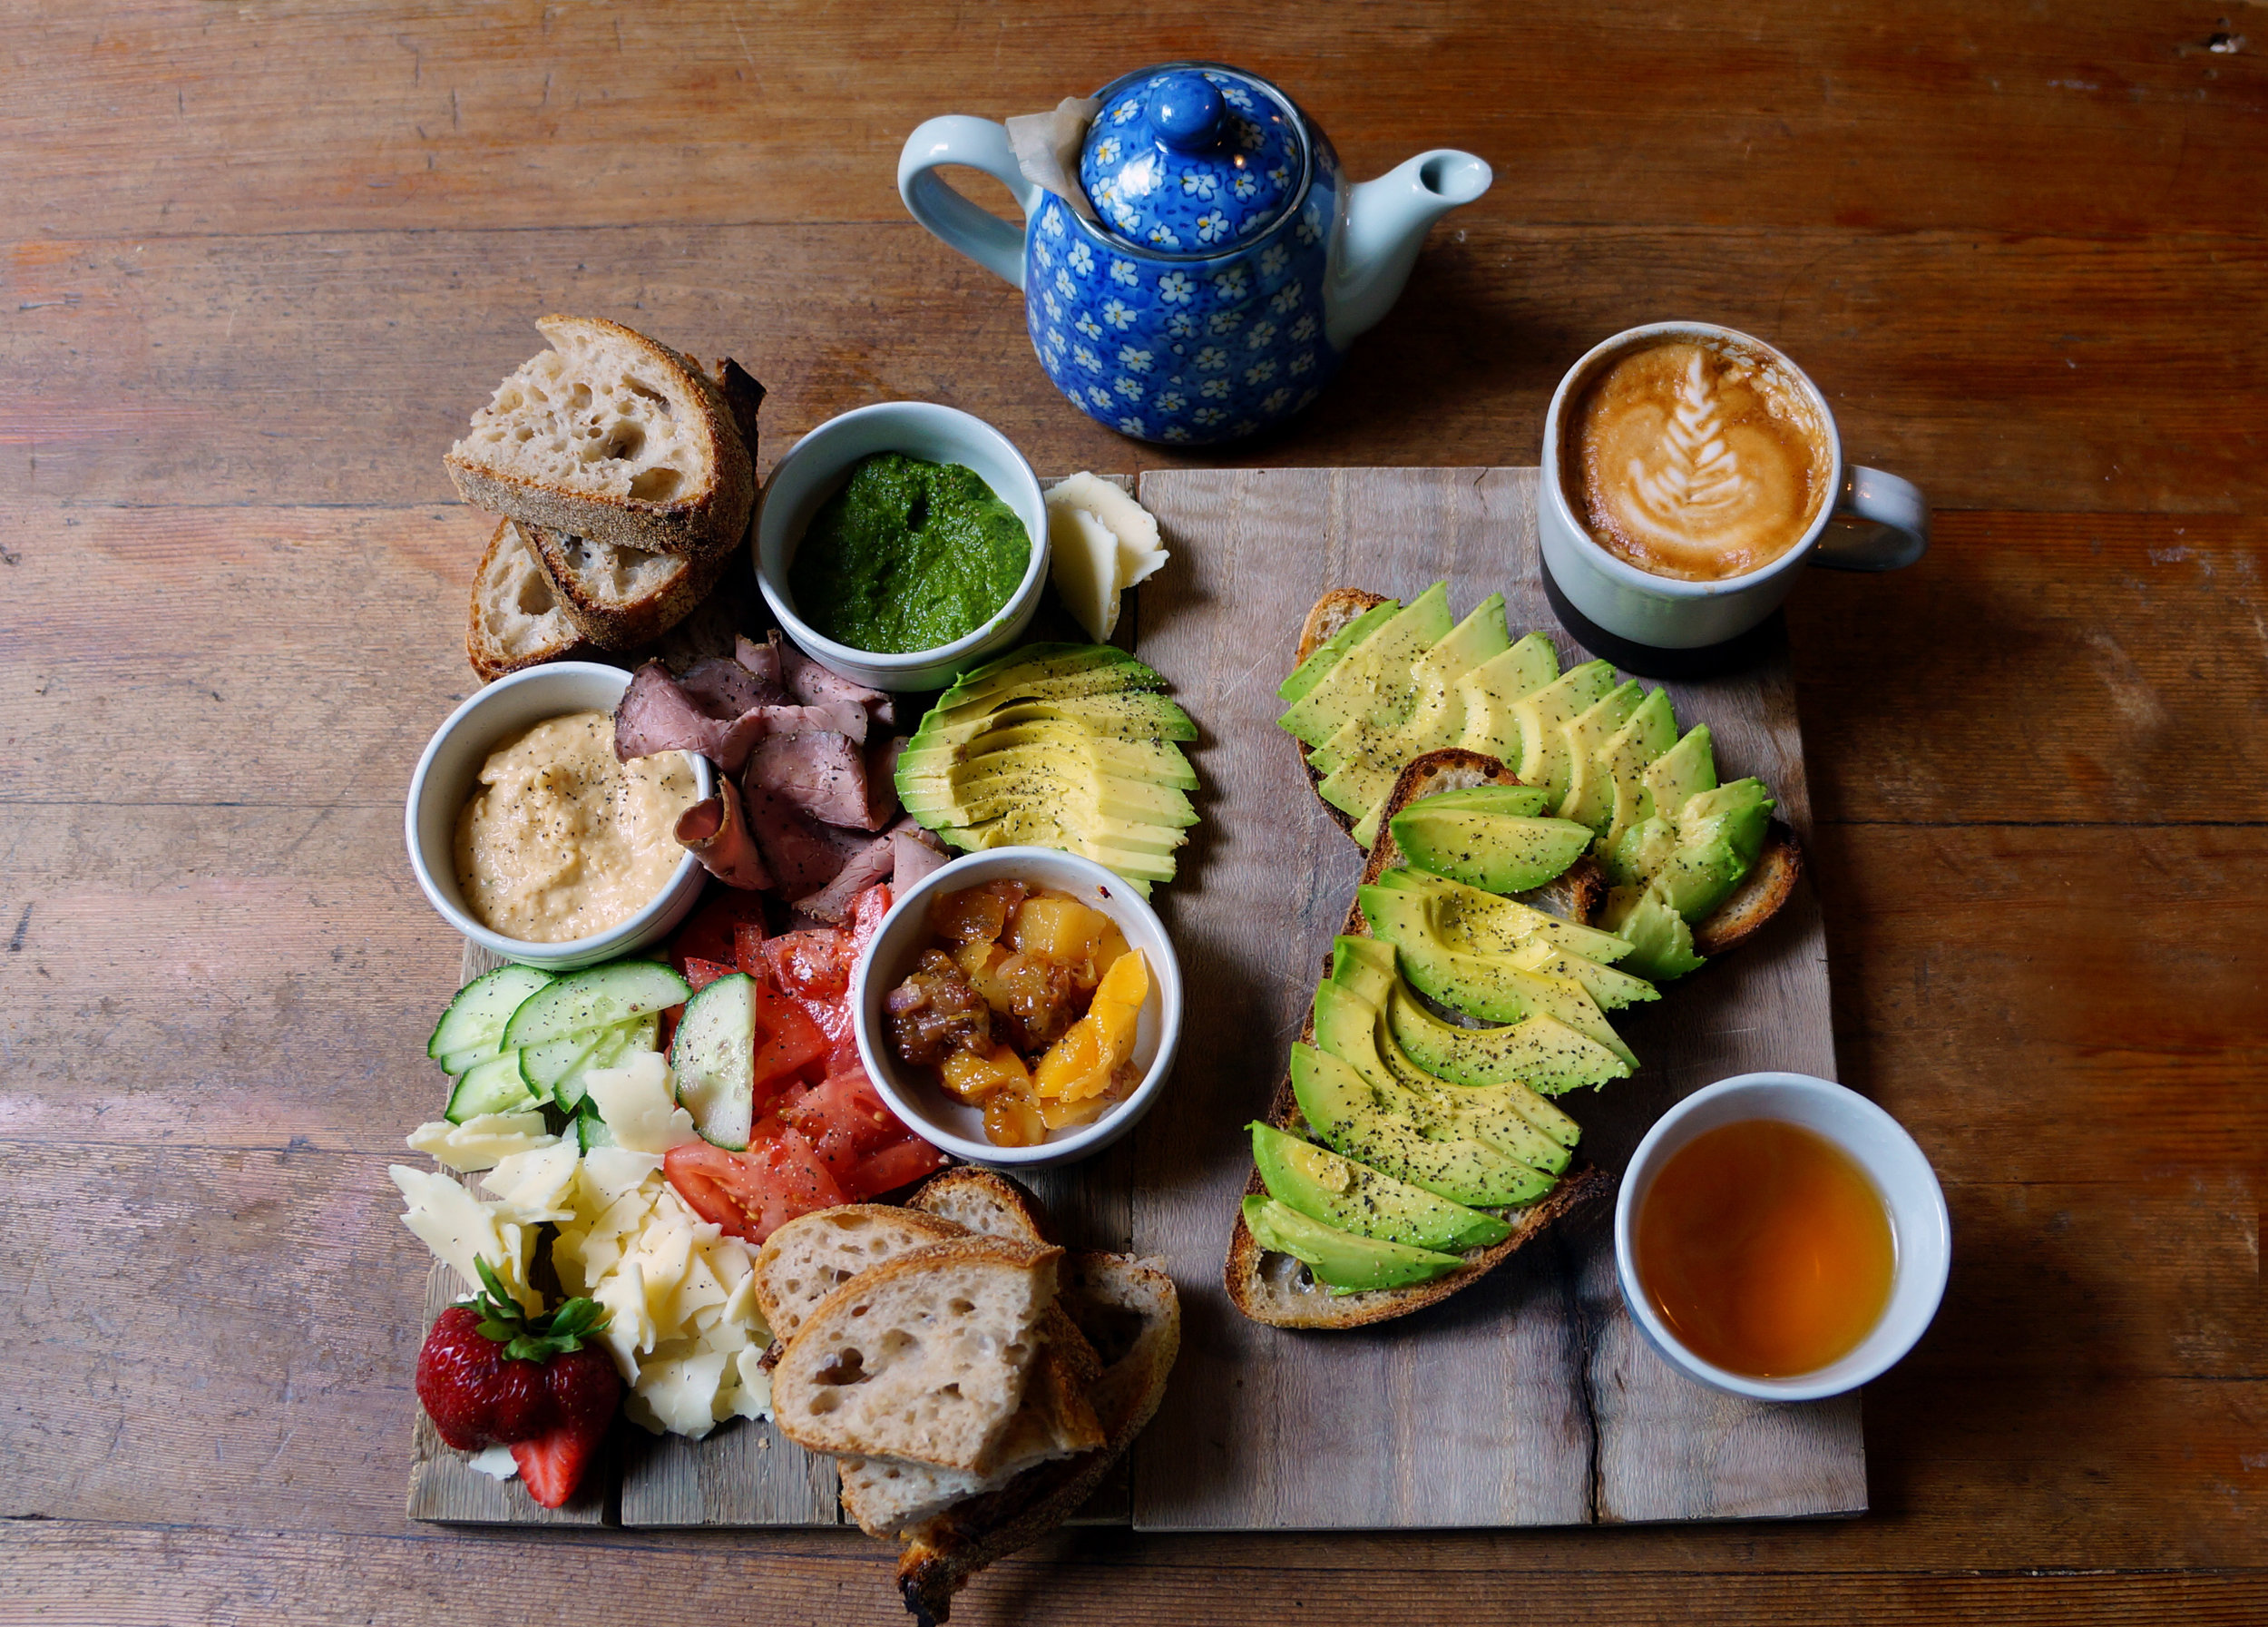 Picnic Board (left) | Avocado Toast (right) |Cappucino (top right) |Tea (bottom right)